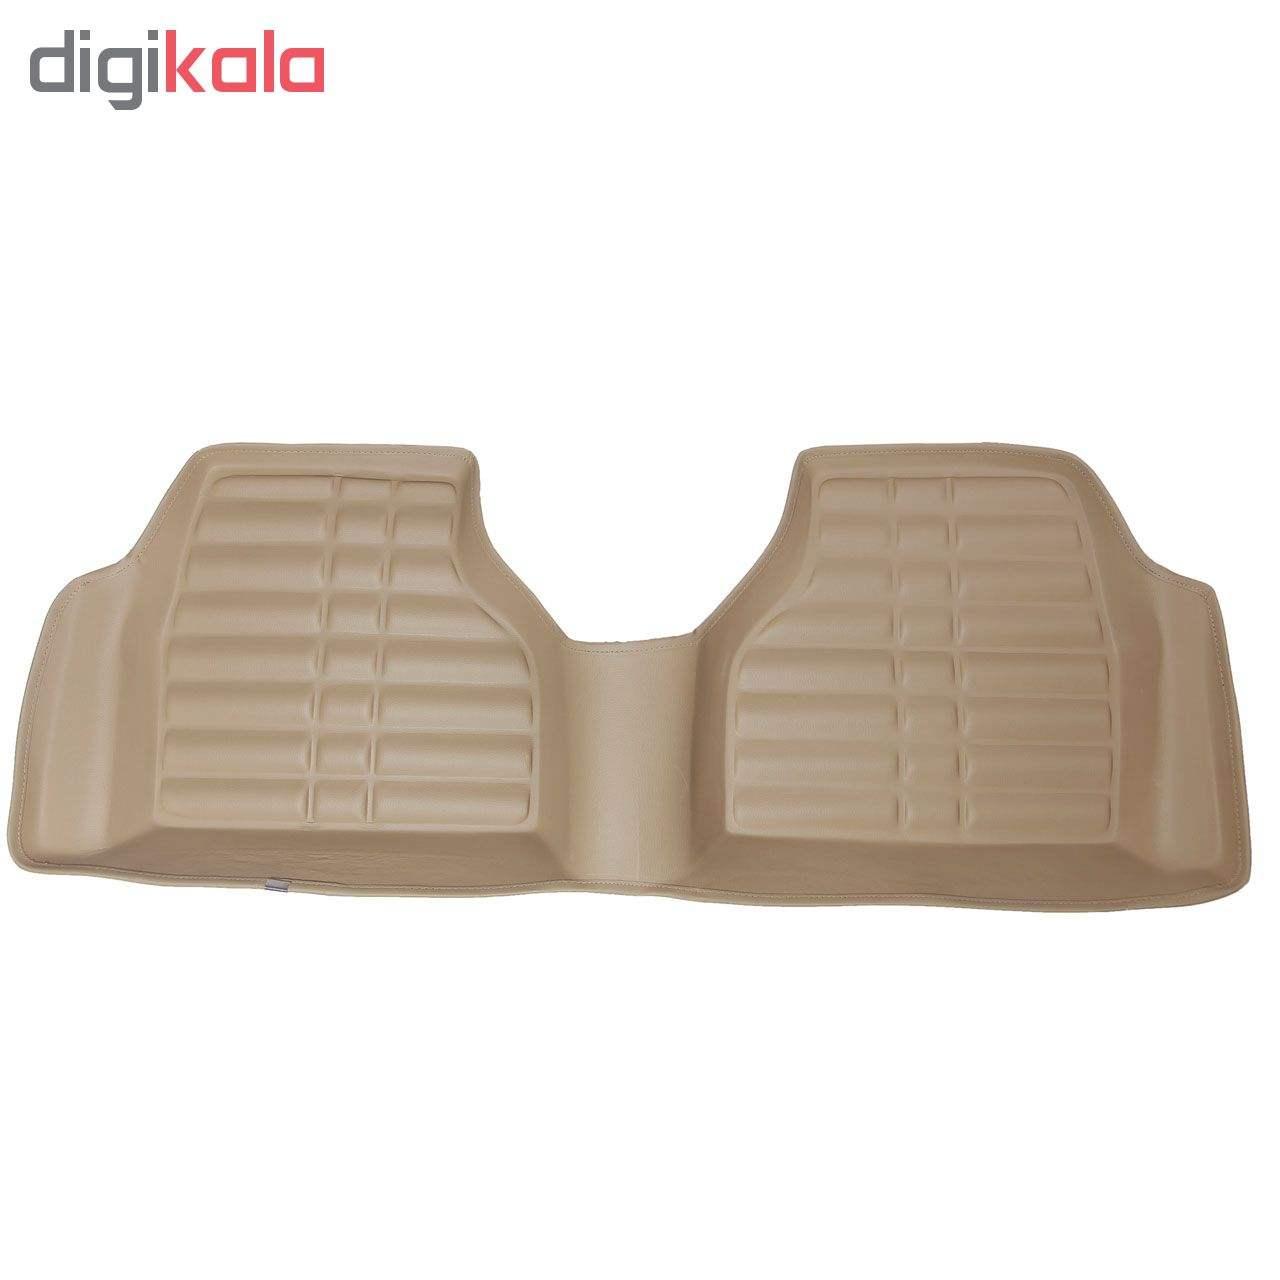 کفپوش سه بعدی خودرو مدل پالیز مناسب برای دنا-سمند-پژو 405-پارس main 1 4